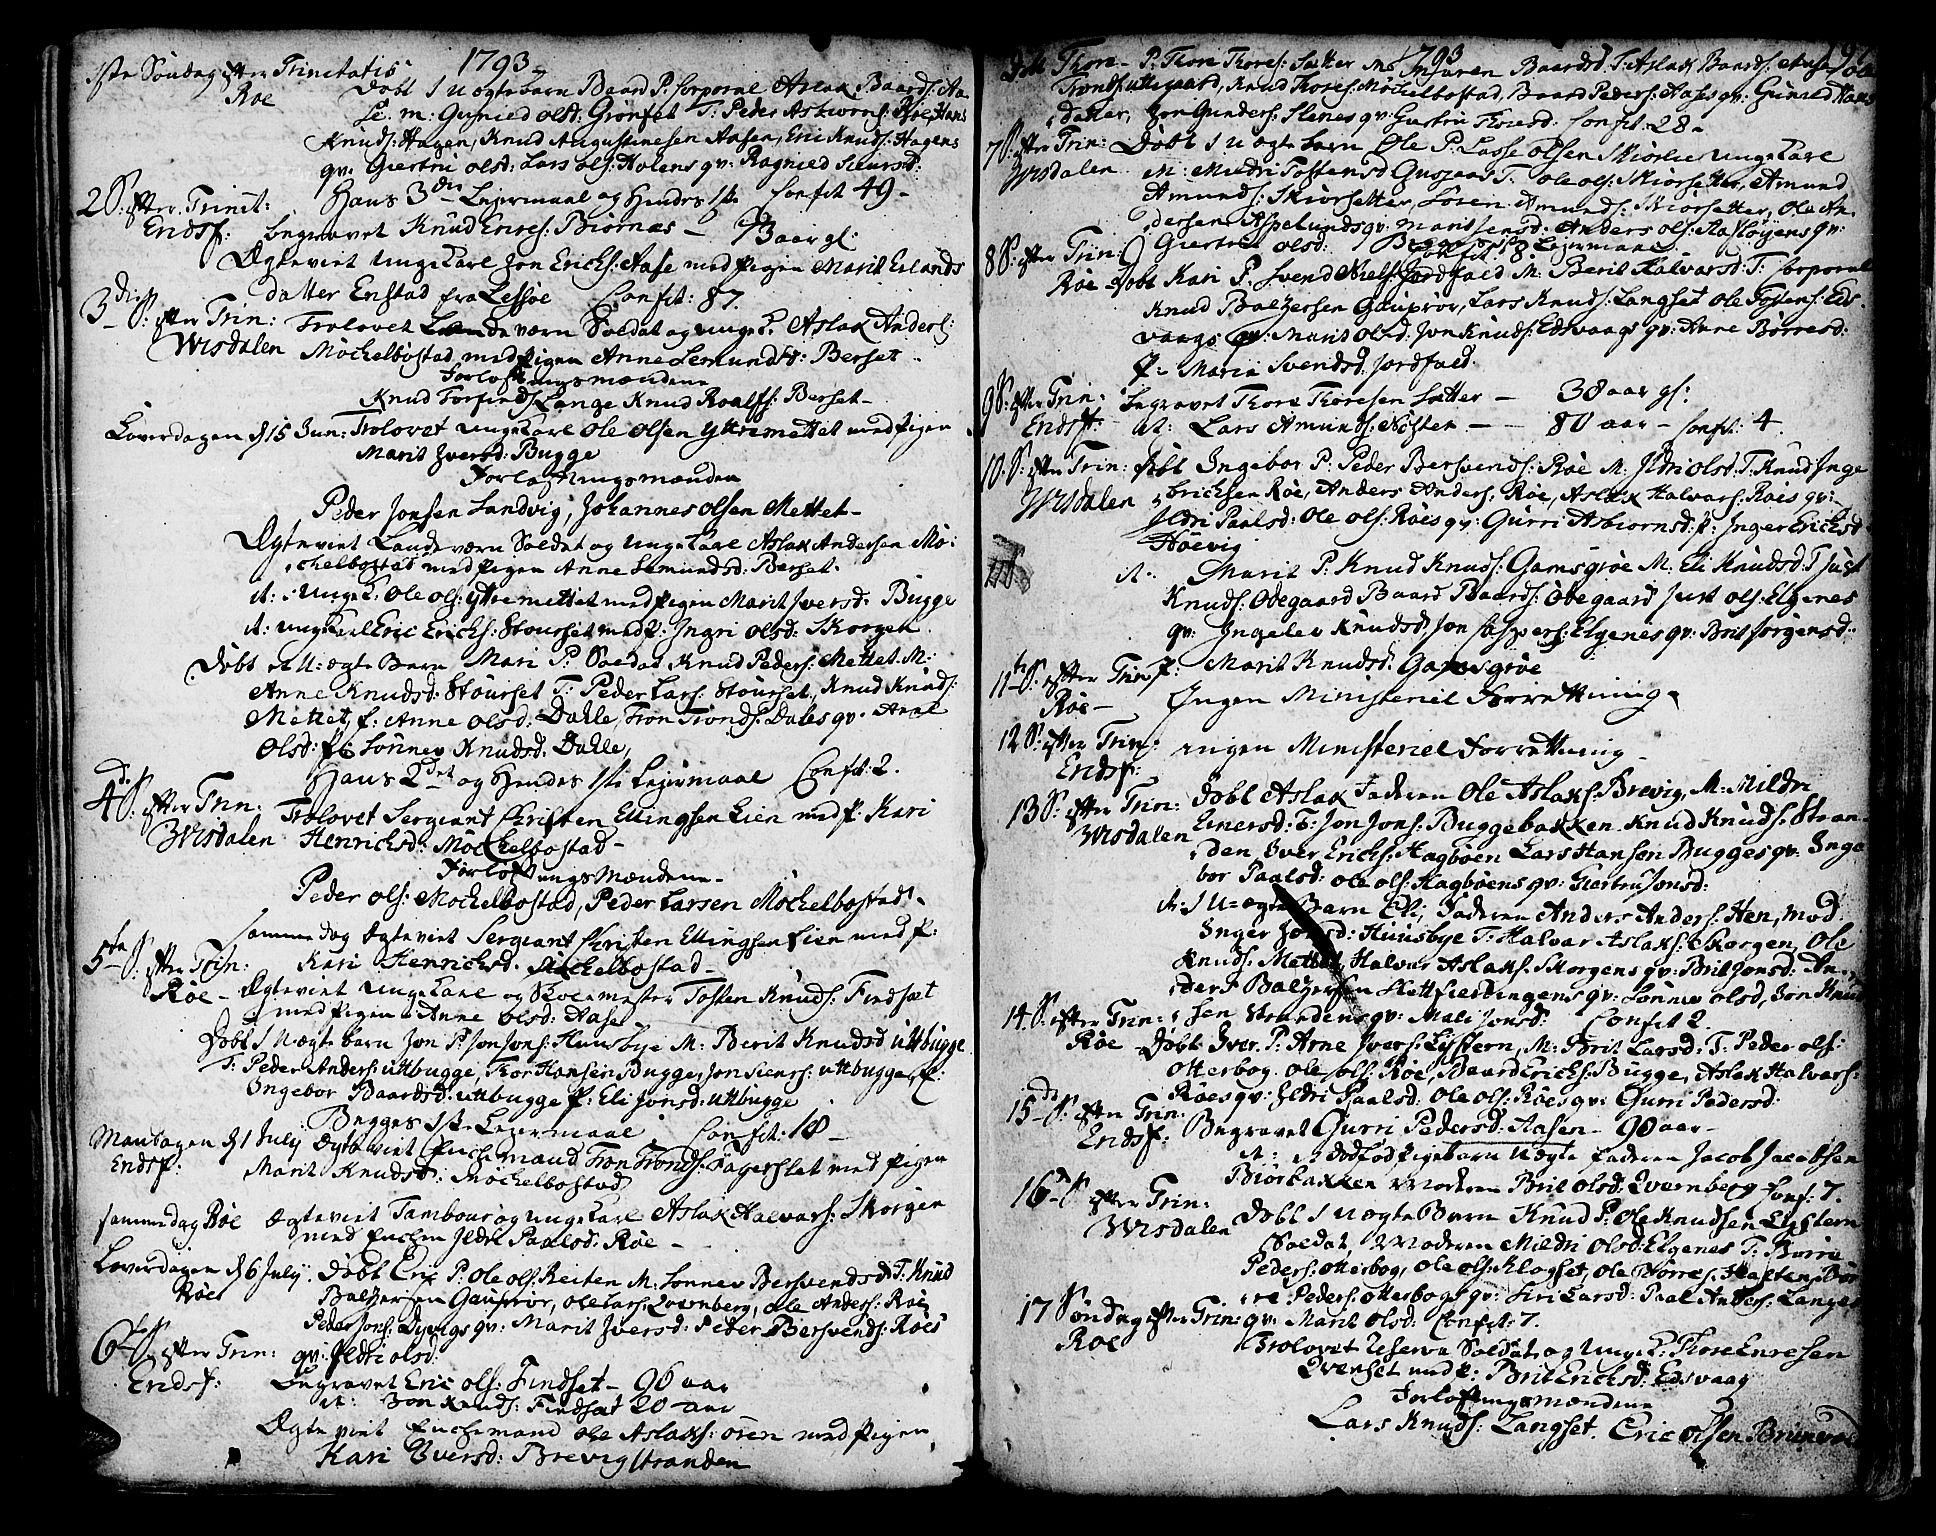 SAT, Ministerialprotokoller, klokkerbøker og fødselsregistre - Møre og Romsdal, 551/L0621: Parish register (official) no. 551A01, 1757-1803, p. 197